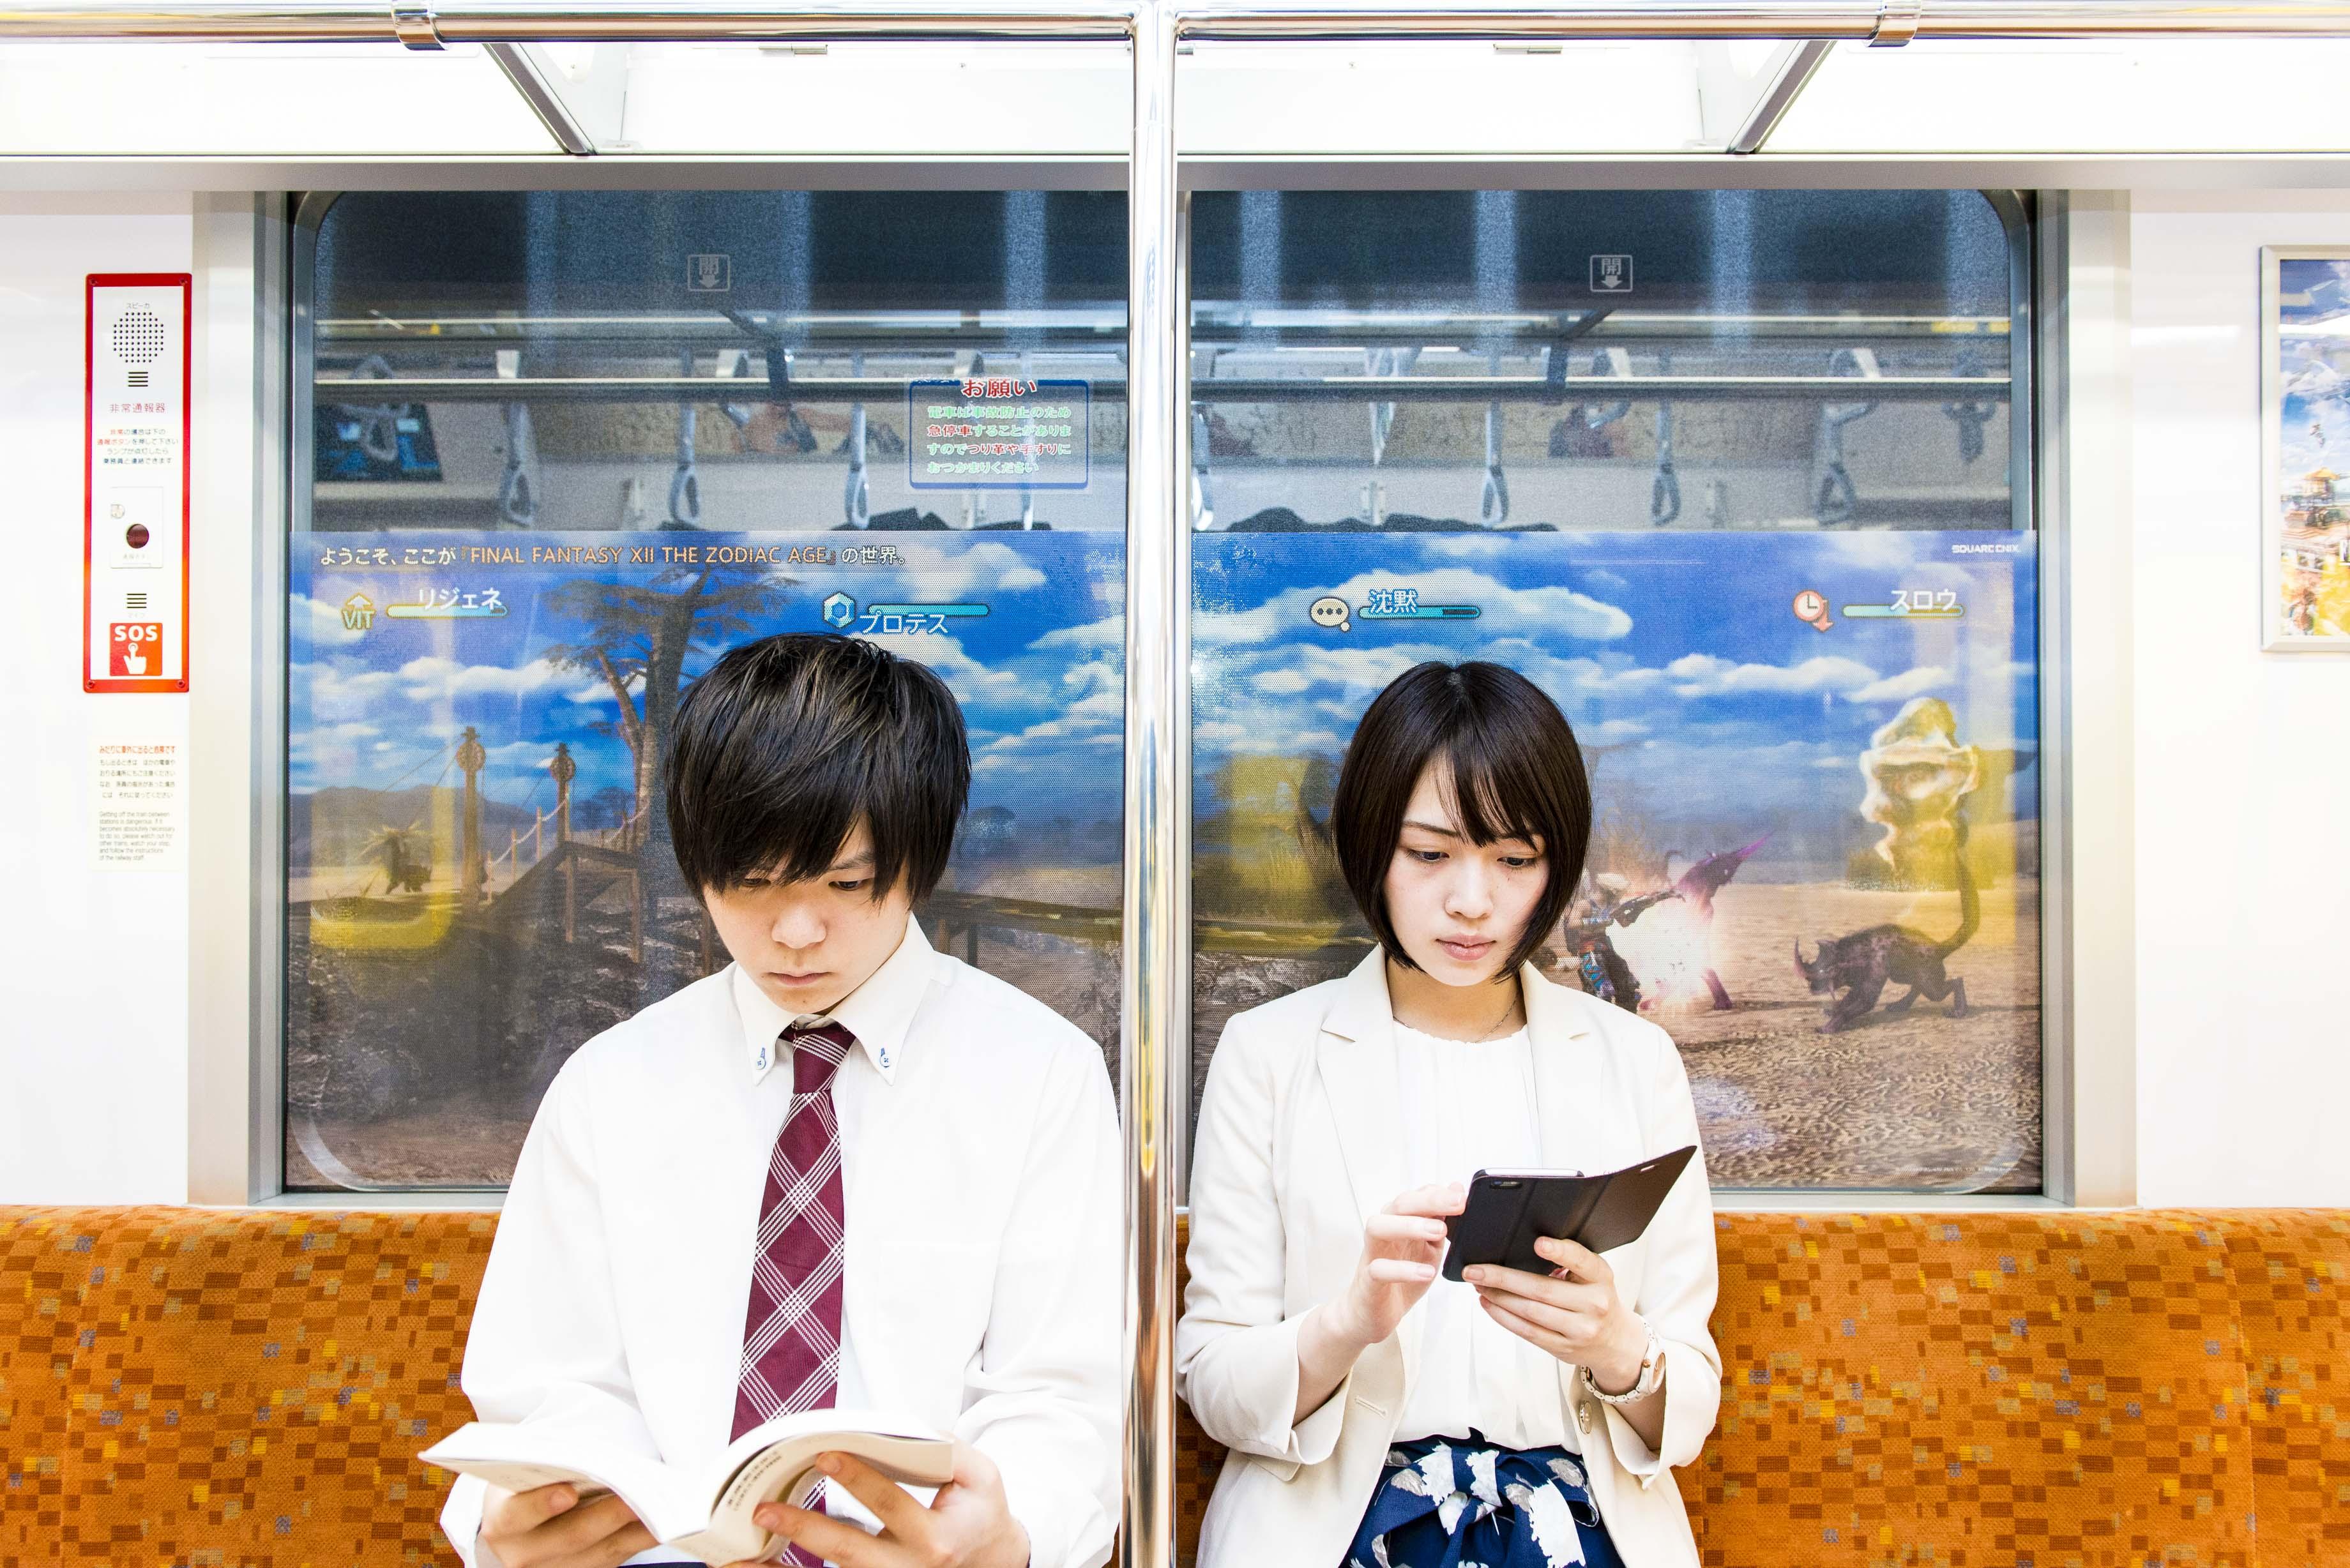 電車内から見た外の景色がFFXIIの世界に!?FFXIIのキャラクターたちが東京メトロ銀座線・丸ノ内線をジャック!